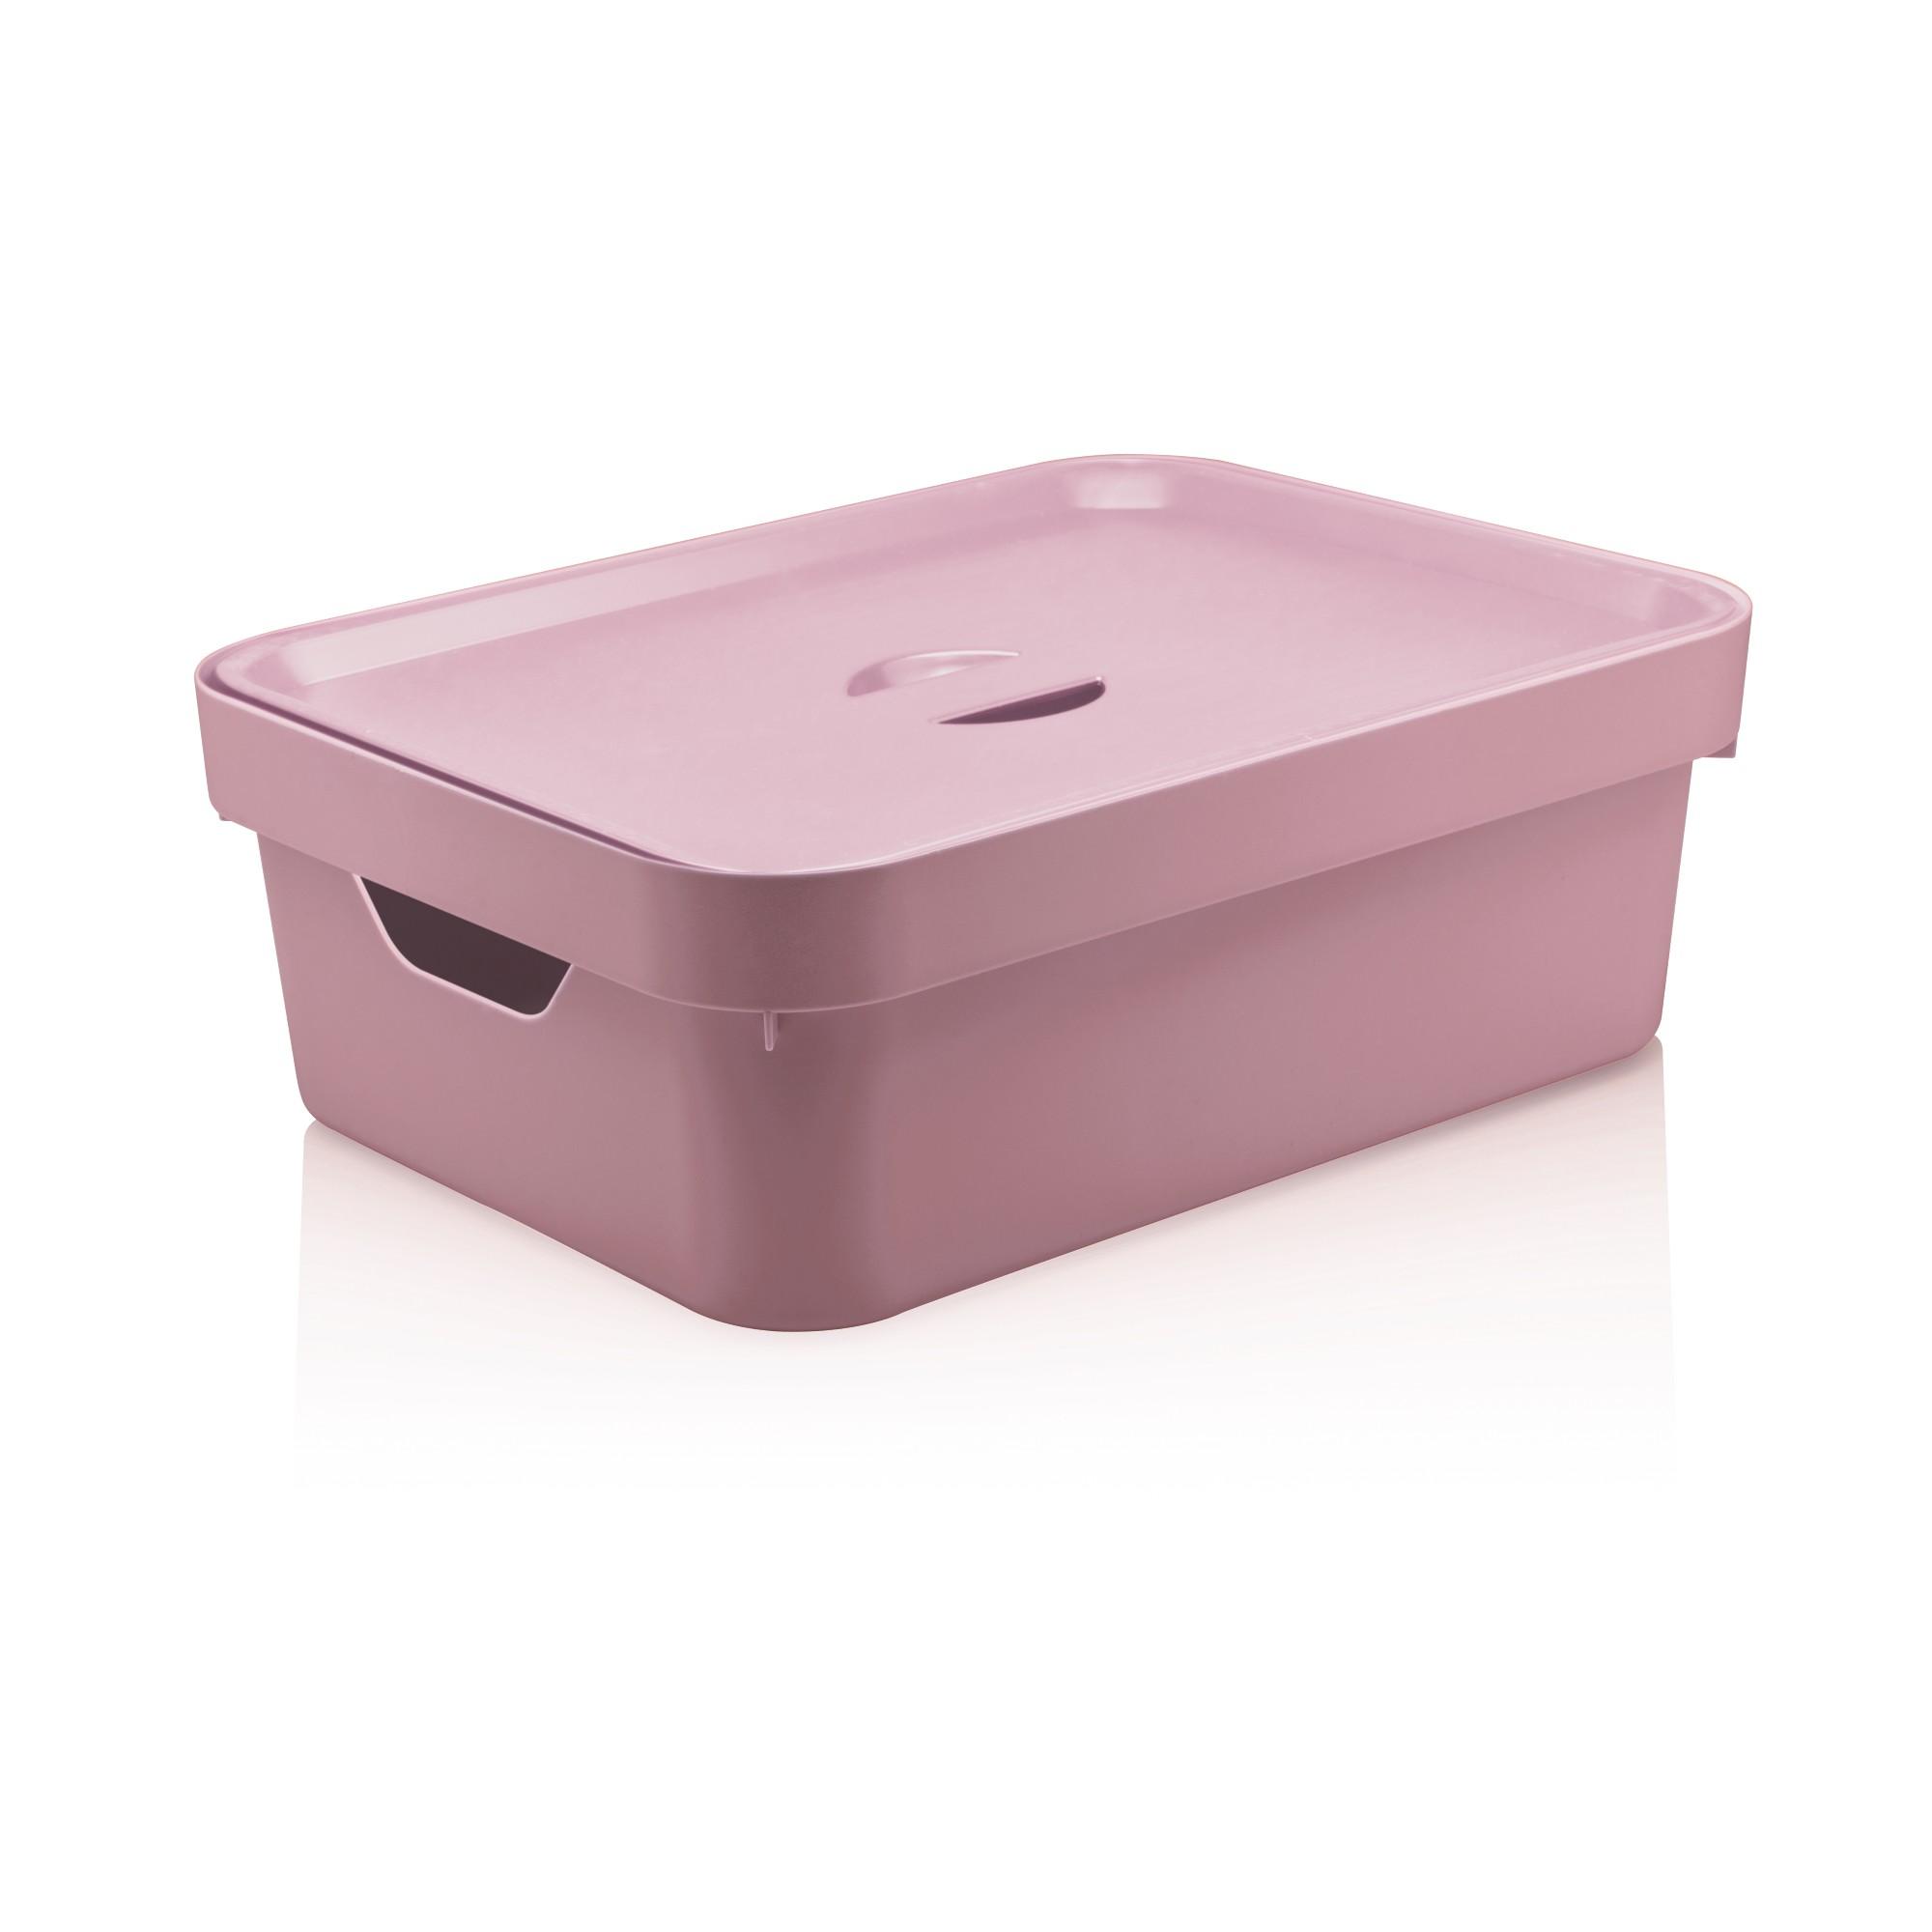 Caixa Organizadora Cube M com Tampa Rosa quartz - Ou